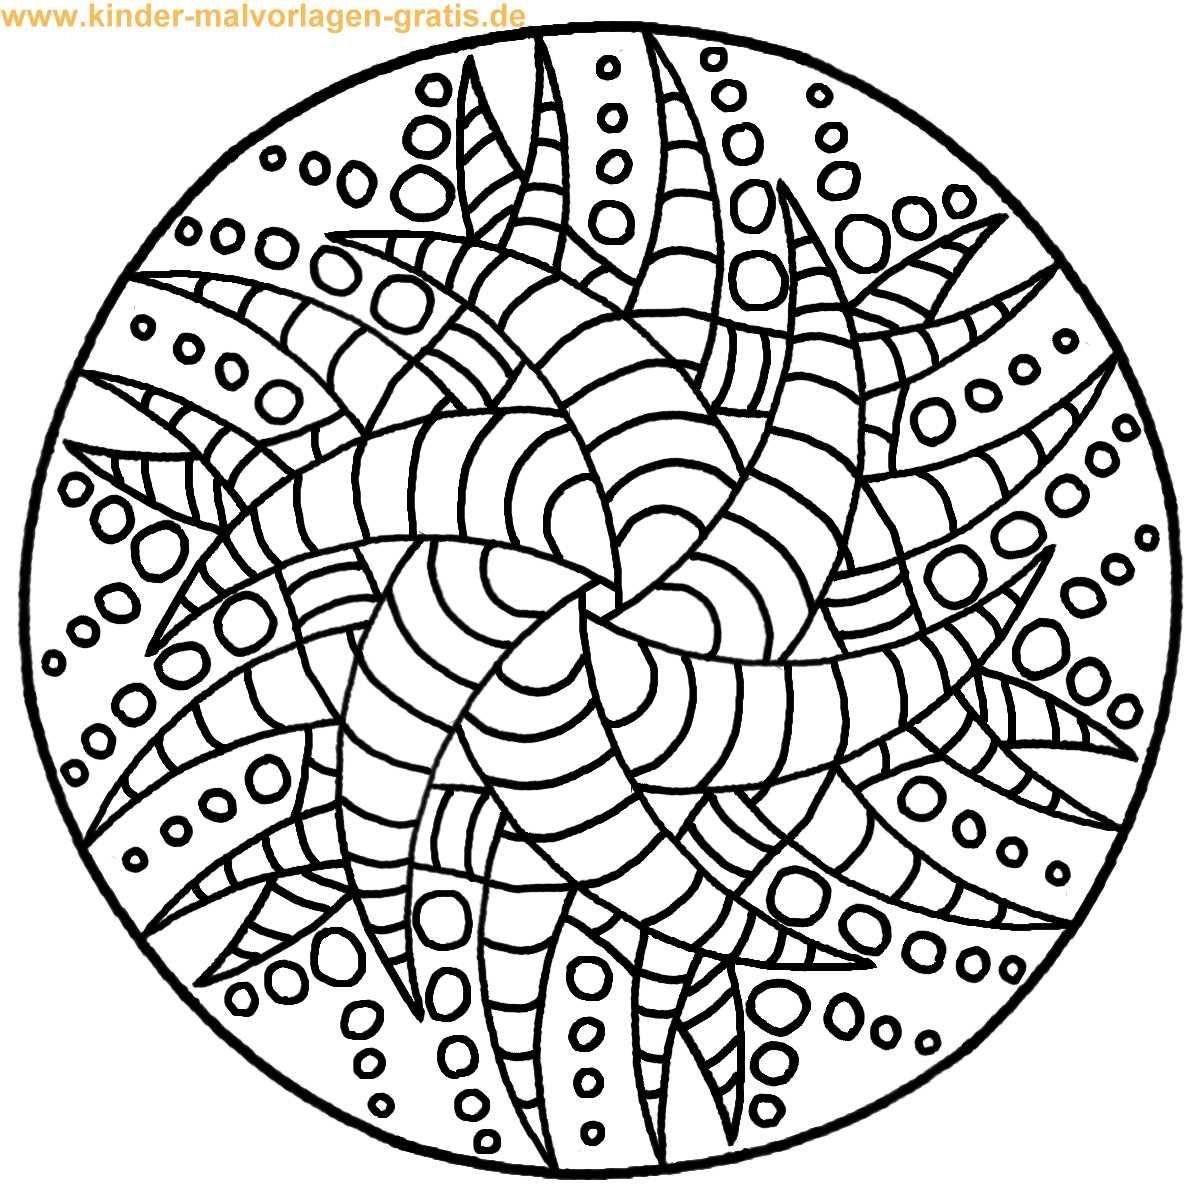 Herz Mandalas Zum Ausmalen Einzigartig Mandalas Zum Ausdrucken Mandalas Zum Ausmalen Galerie